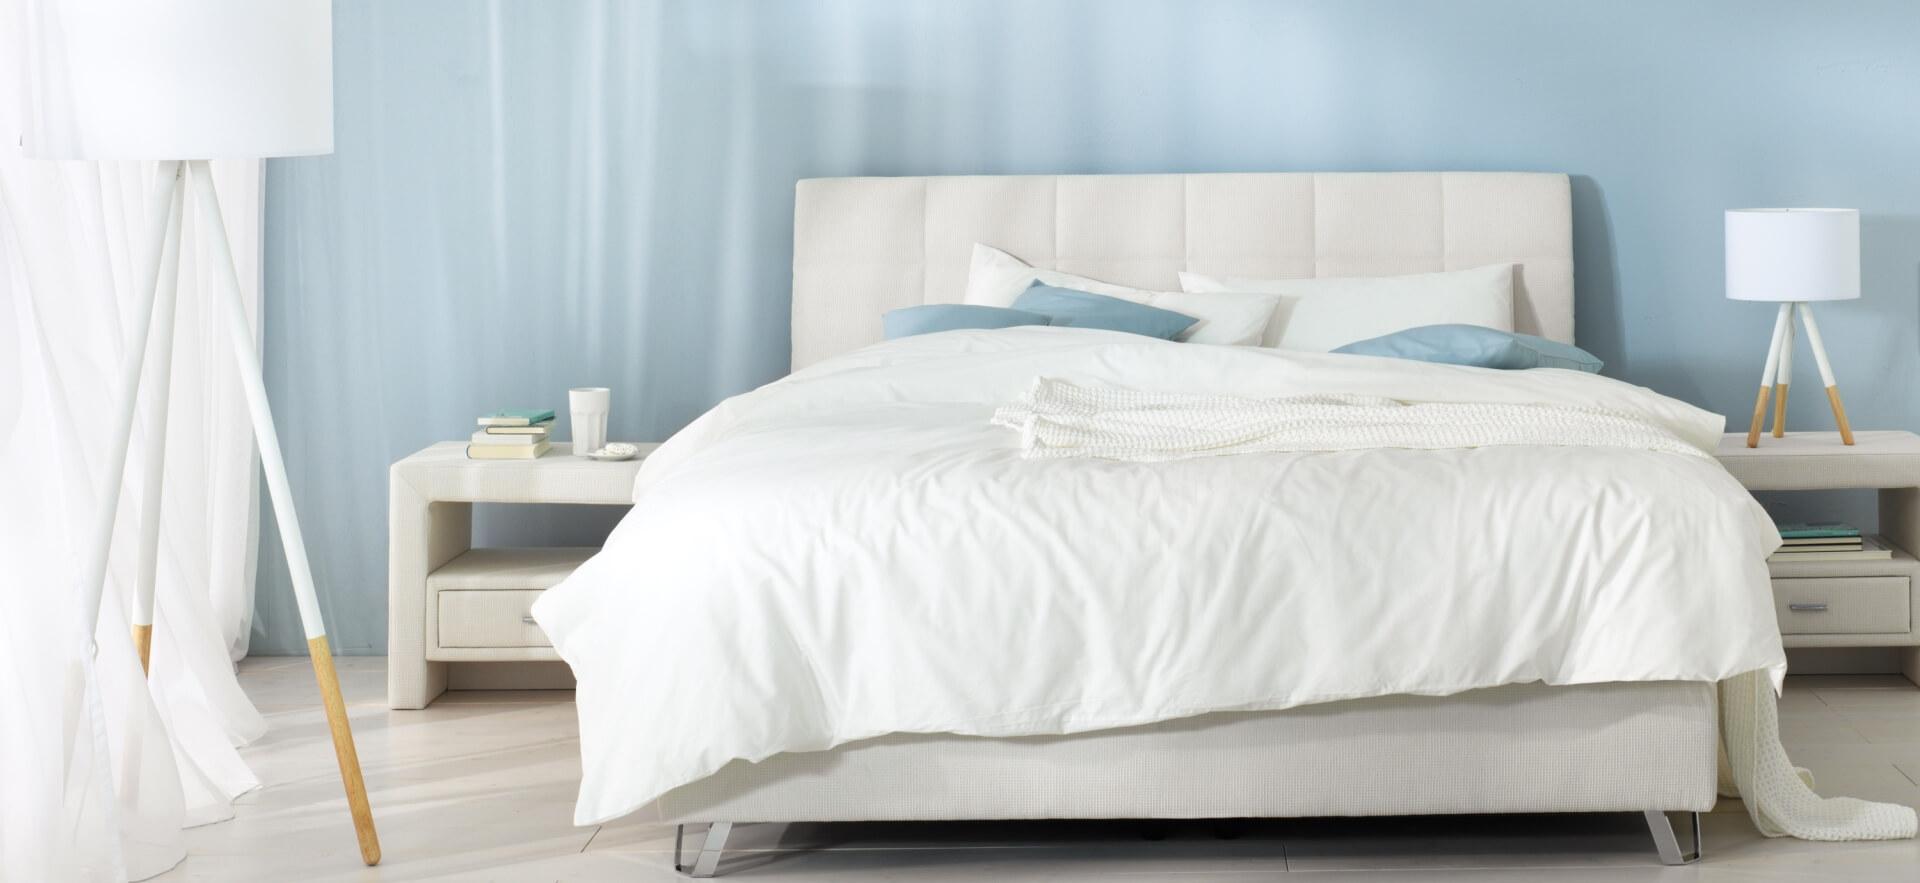 Das Wenatex Bett steht für reinste Schlafqualität